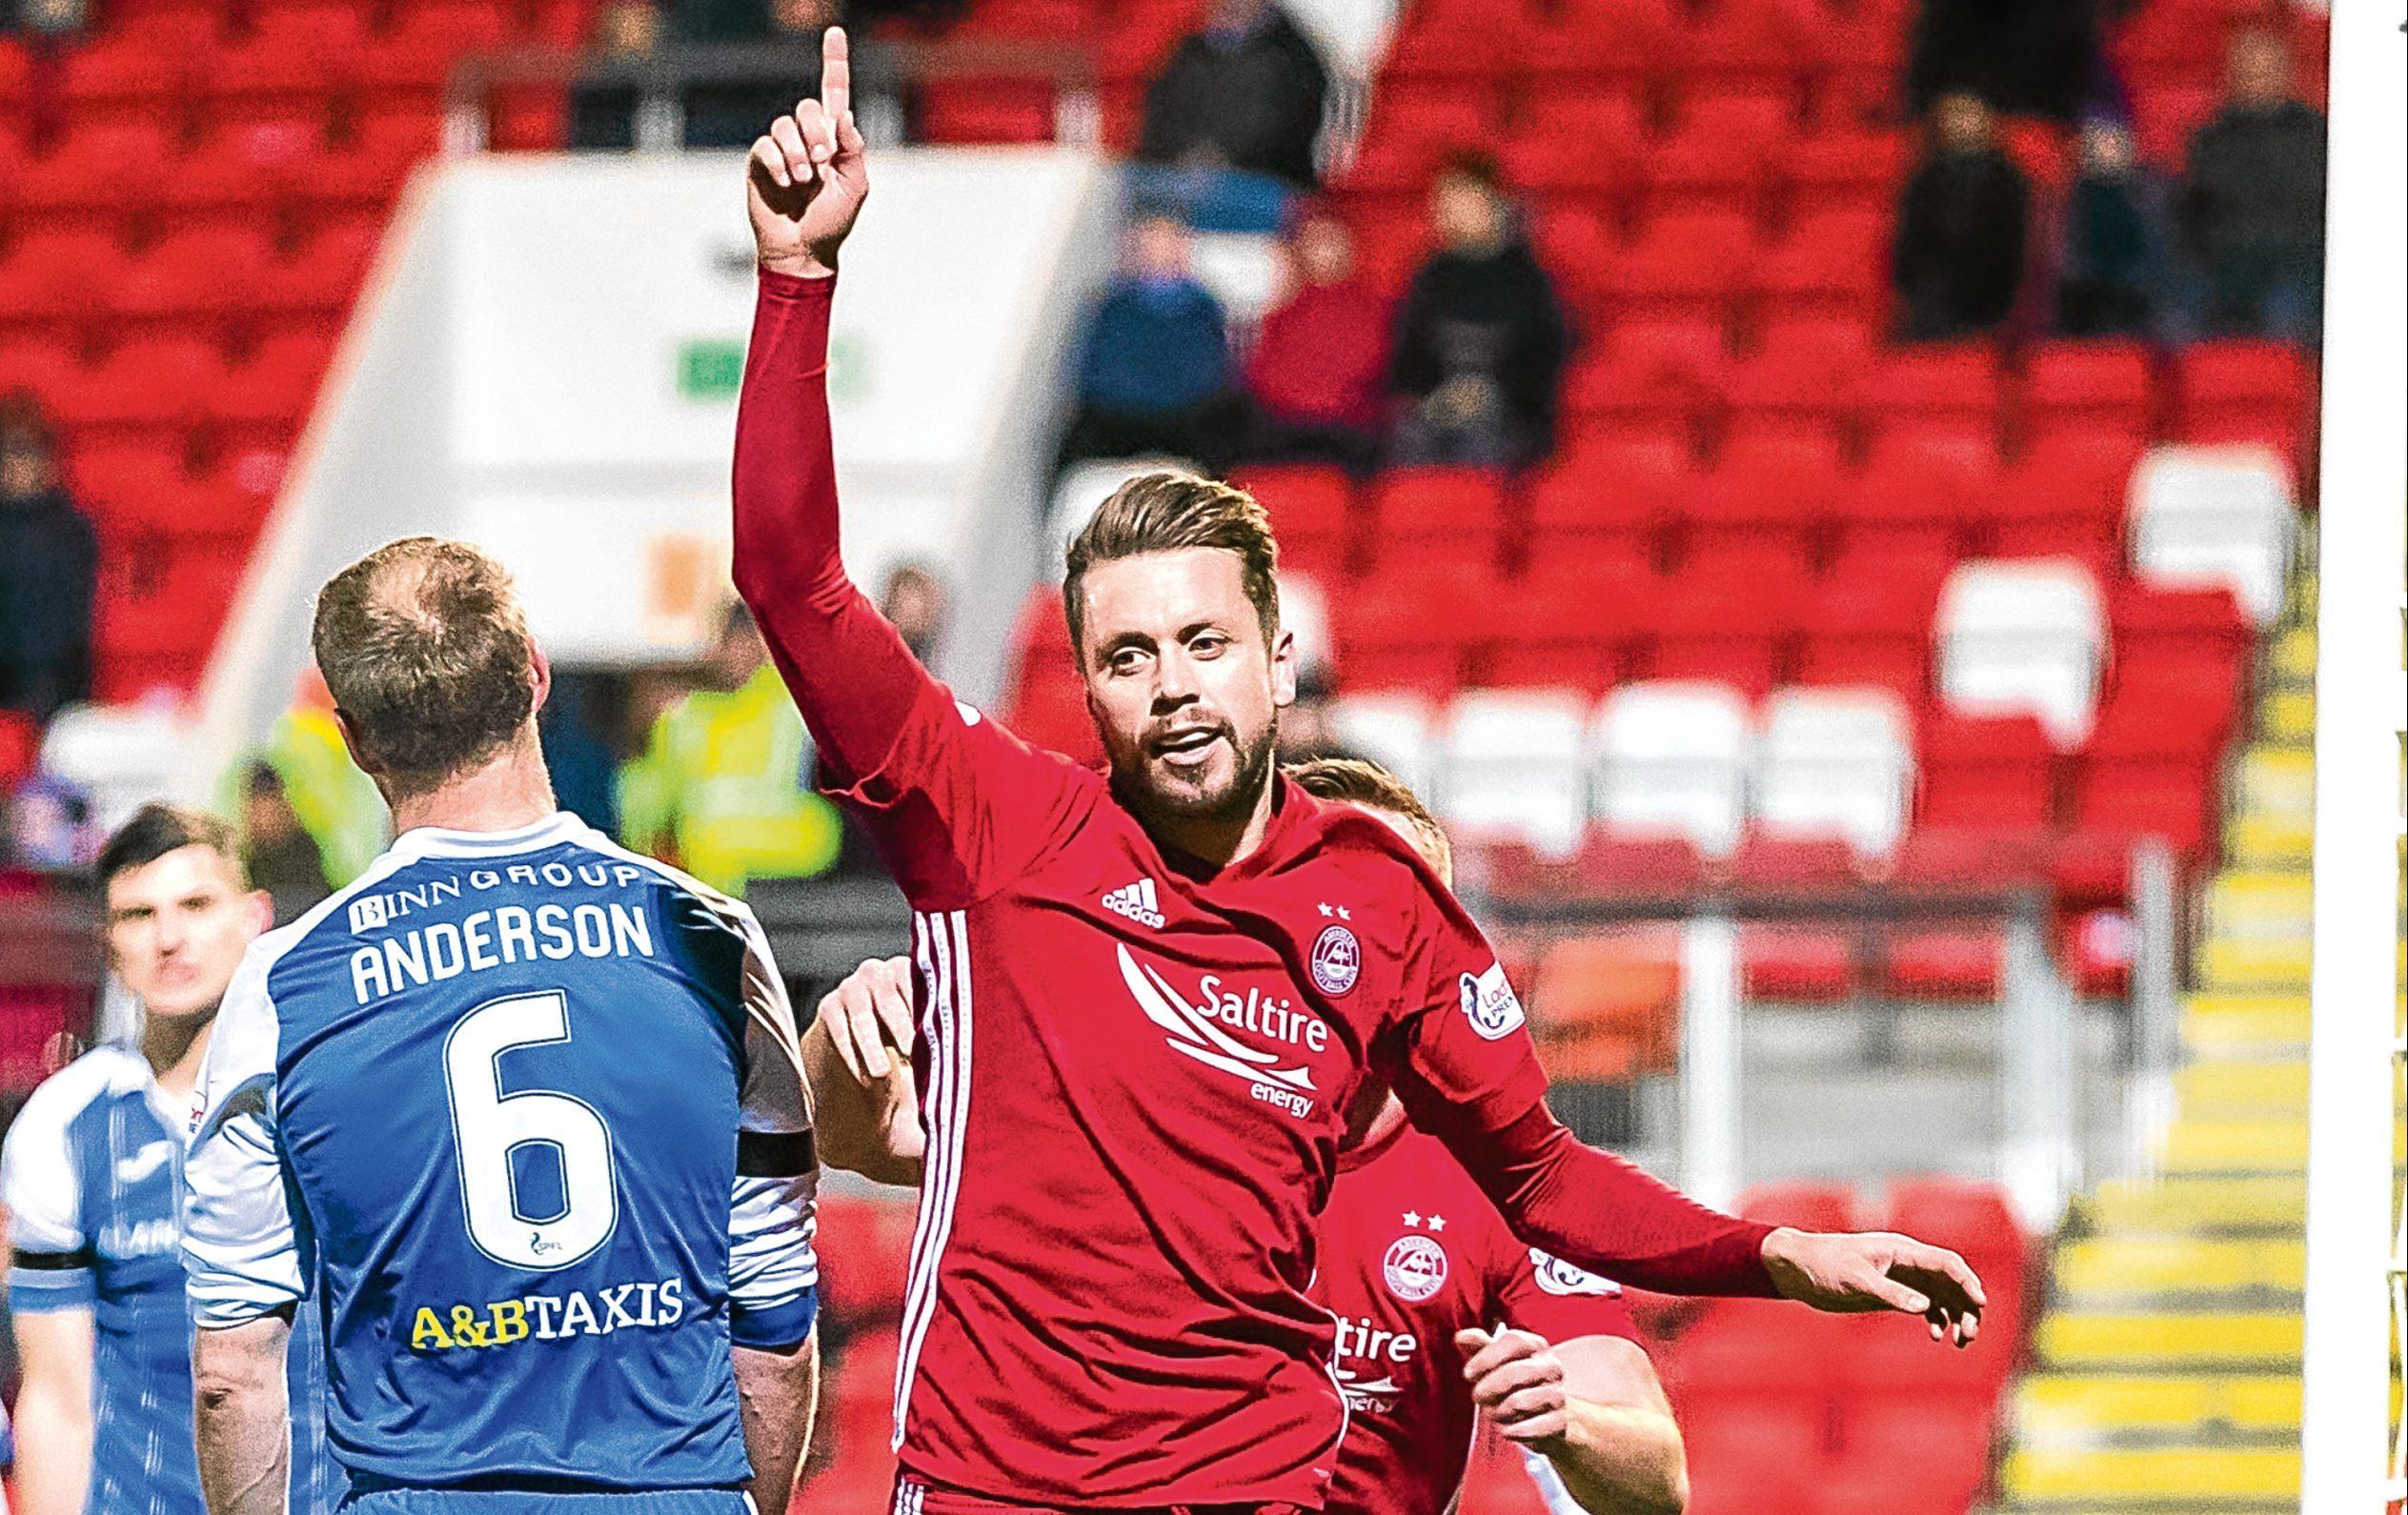 Aberdeen's Kari Arnason after scoring against St Johnstone.